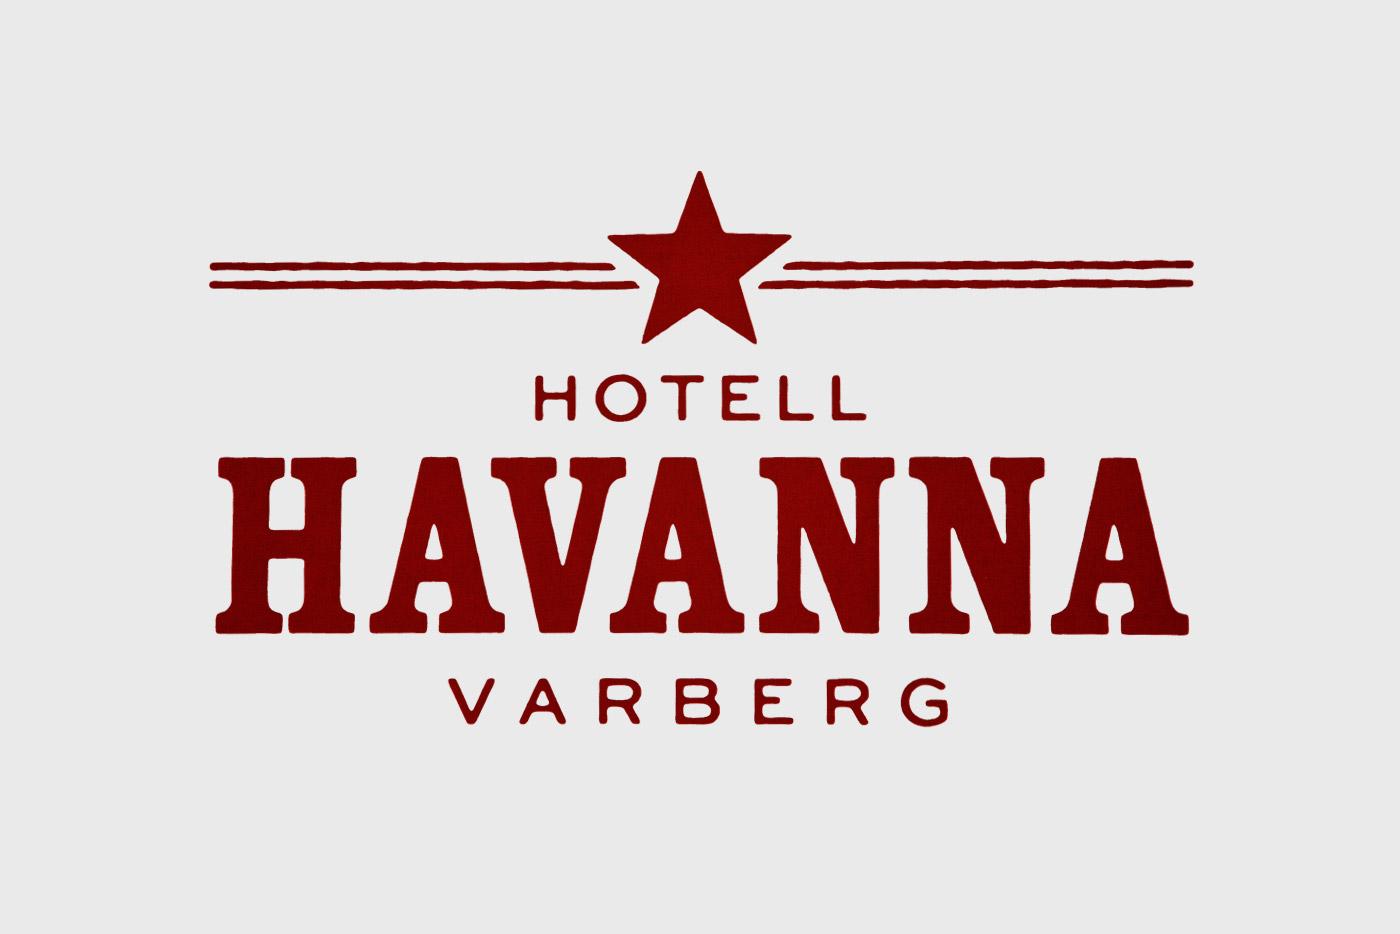 Hotell Havanna Logotype